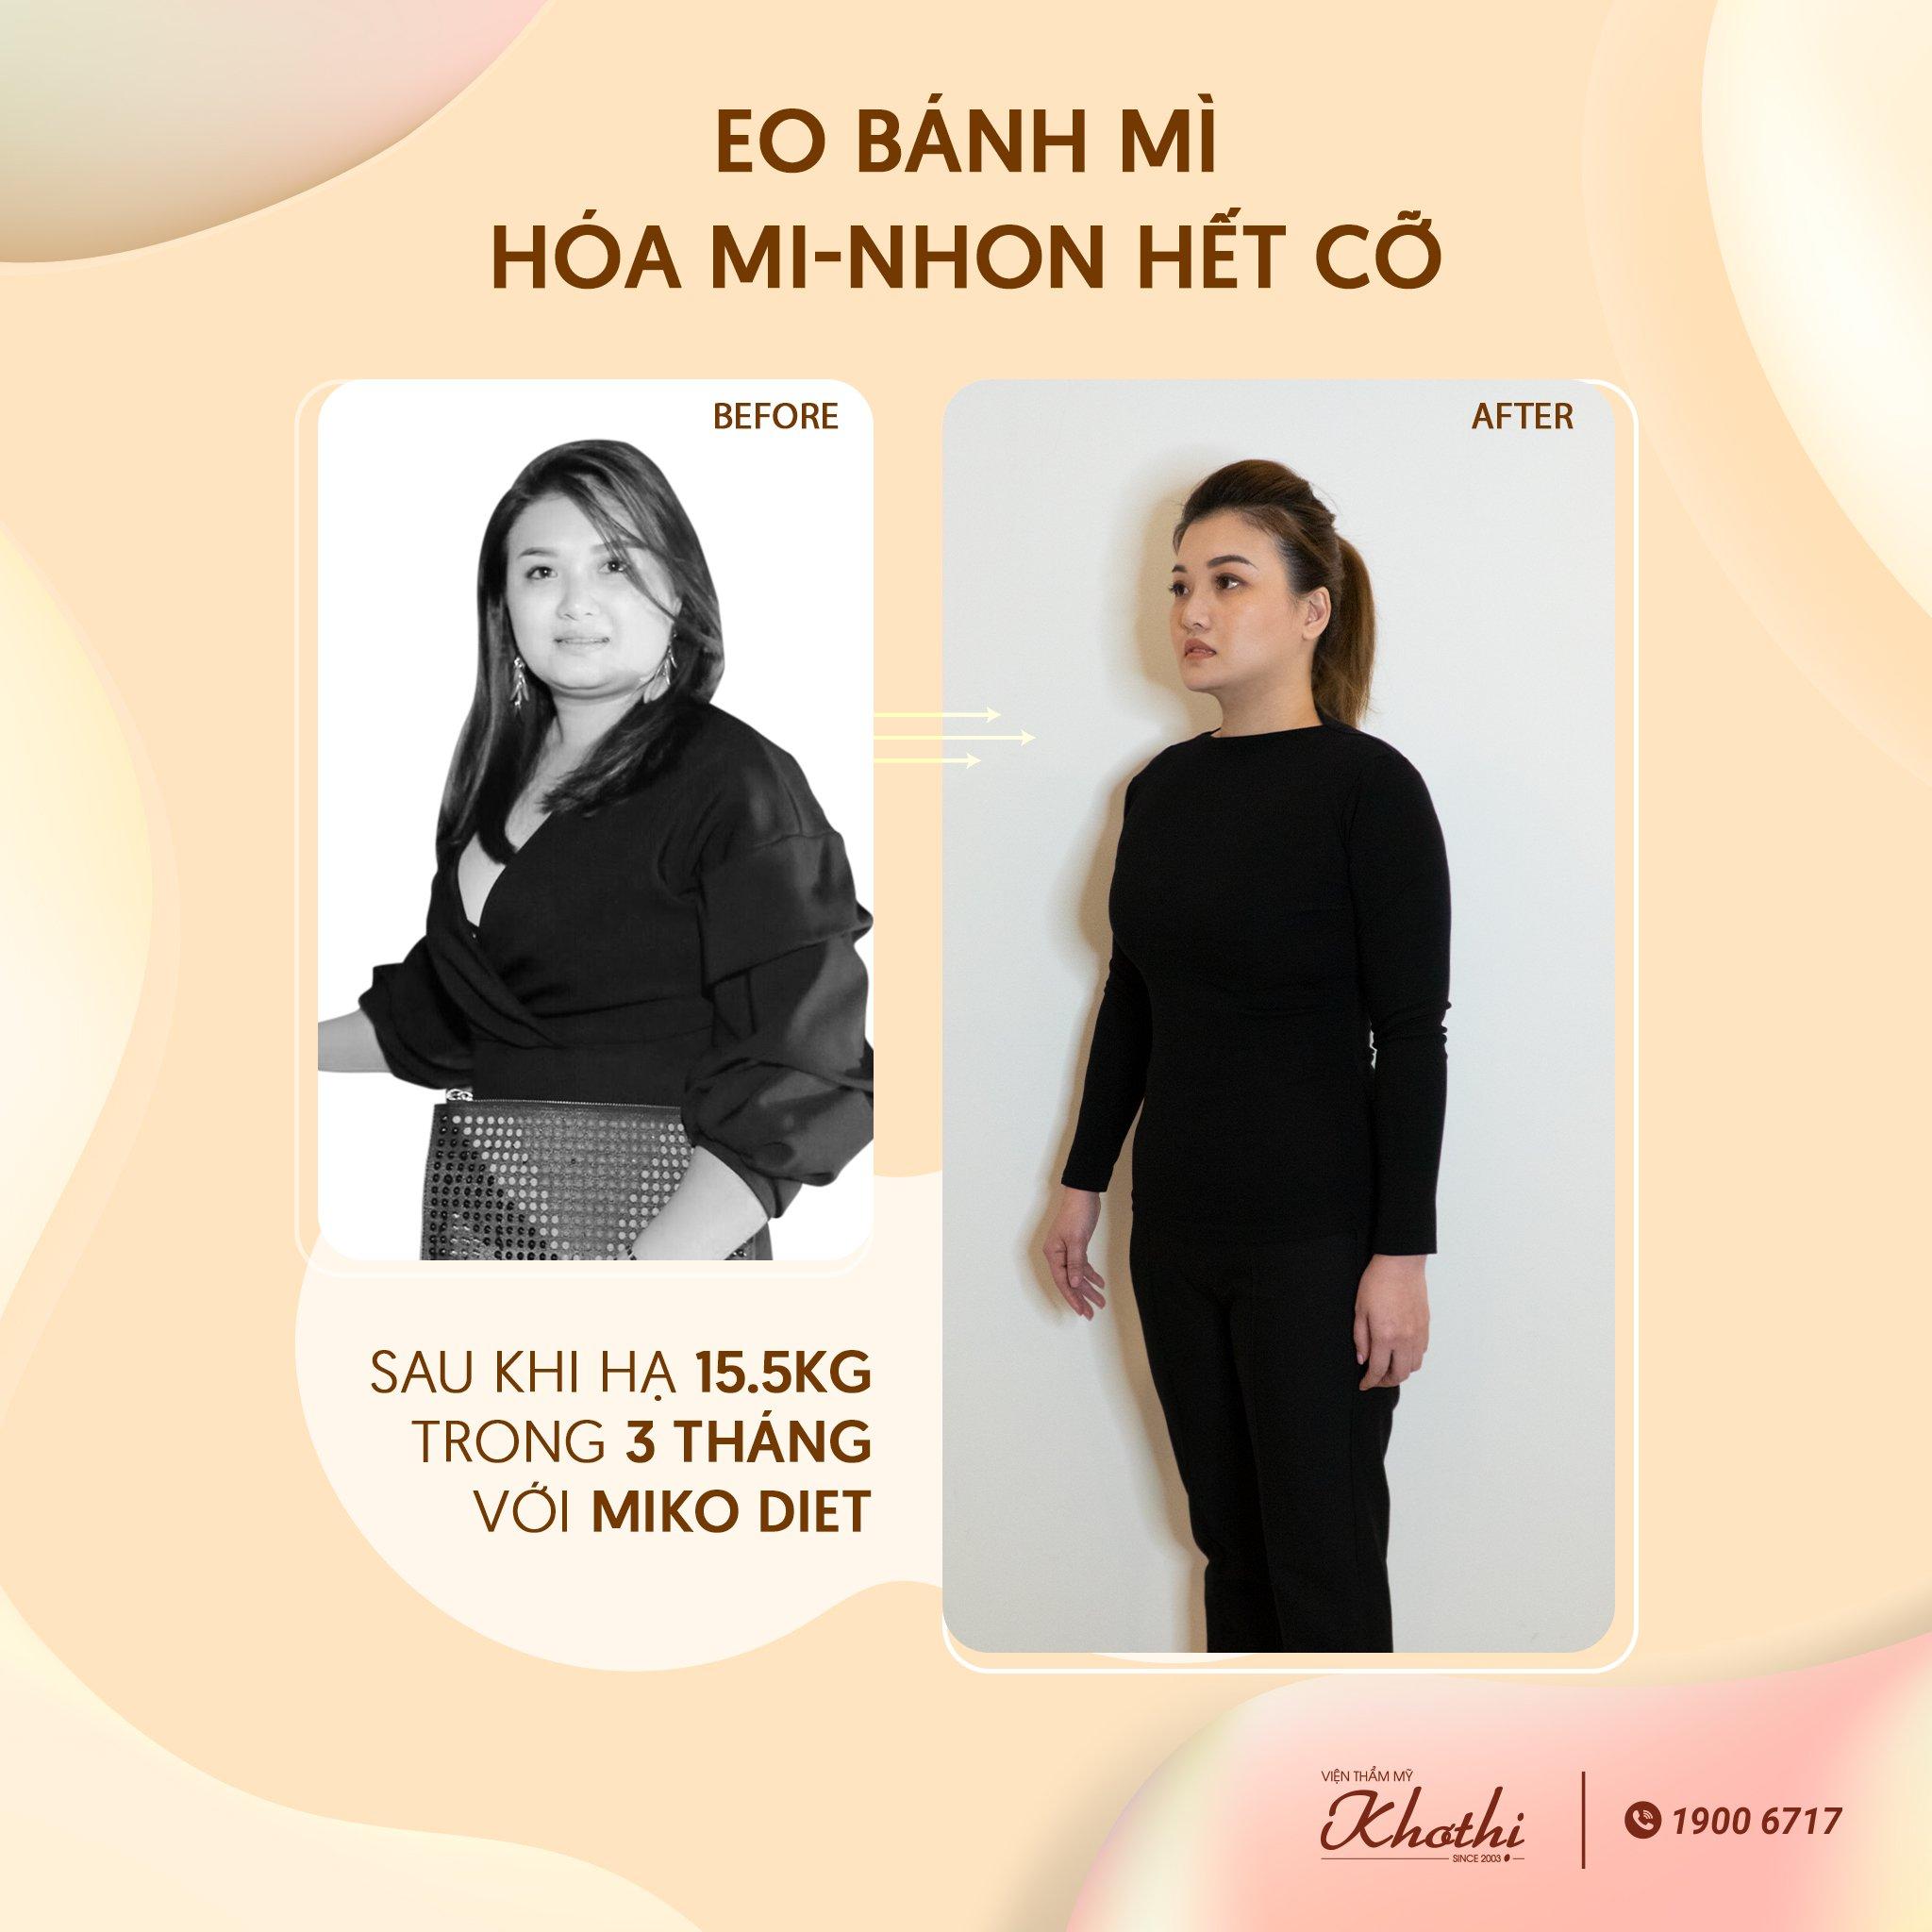 giảm 15,5kg trong 3 tháng với miko diet